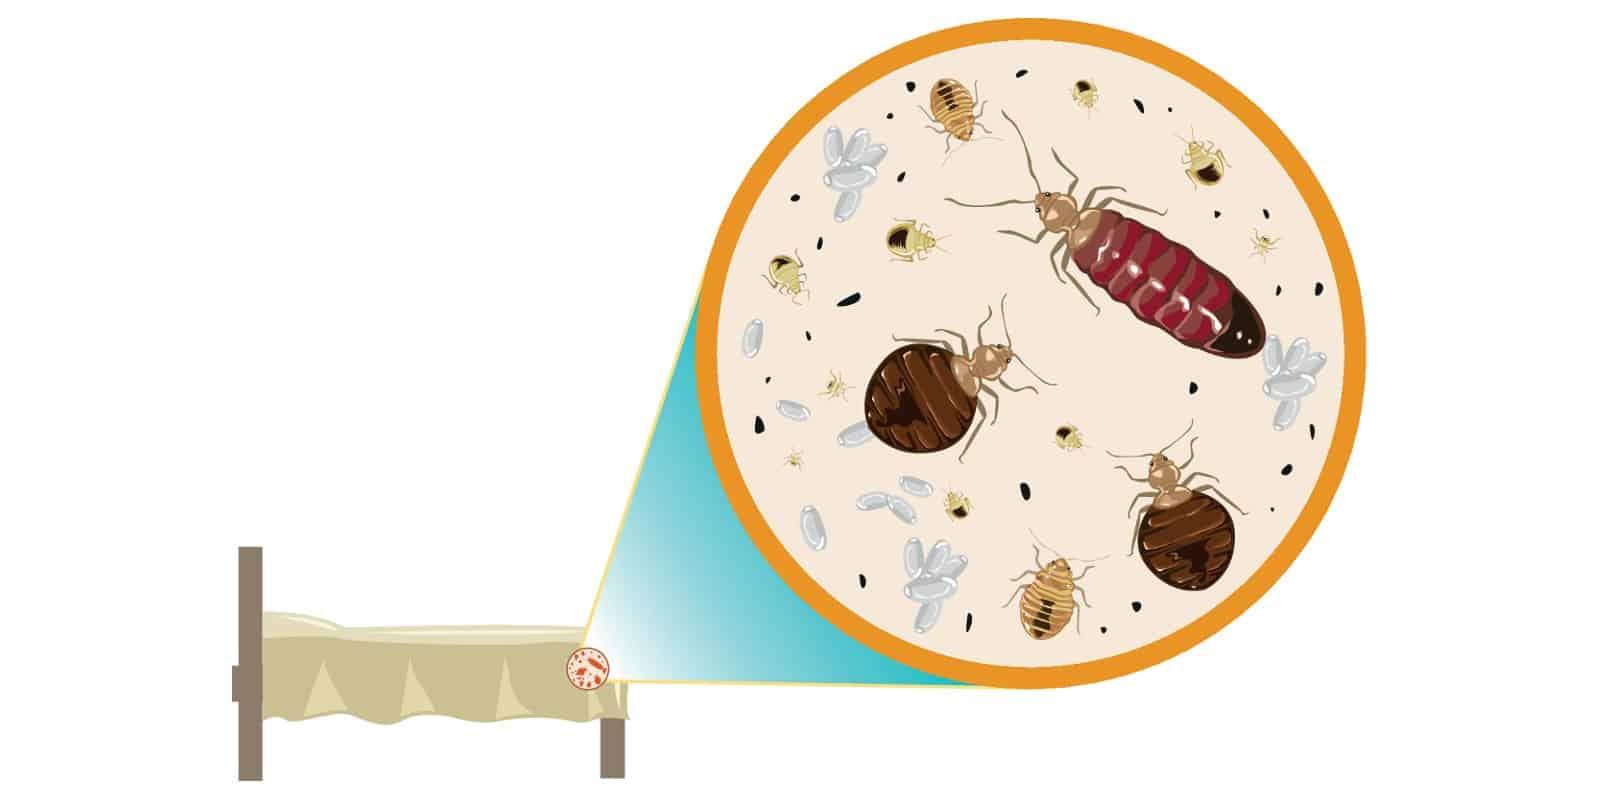 Het afnemende absorberend en ventilerend vermogen van uw matras vergroot de kans op schimmels.